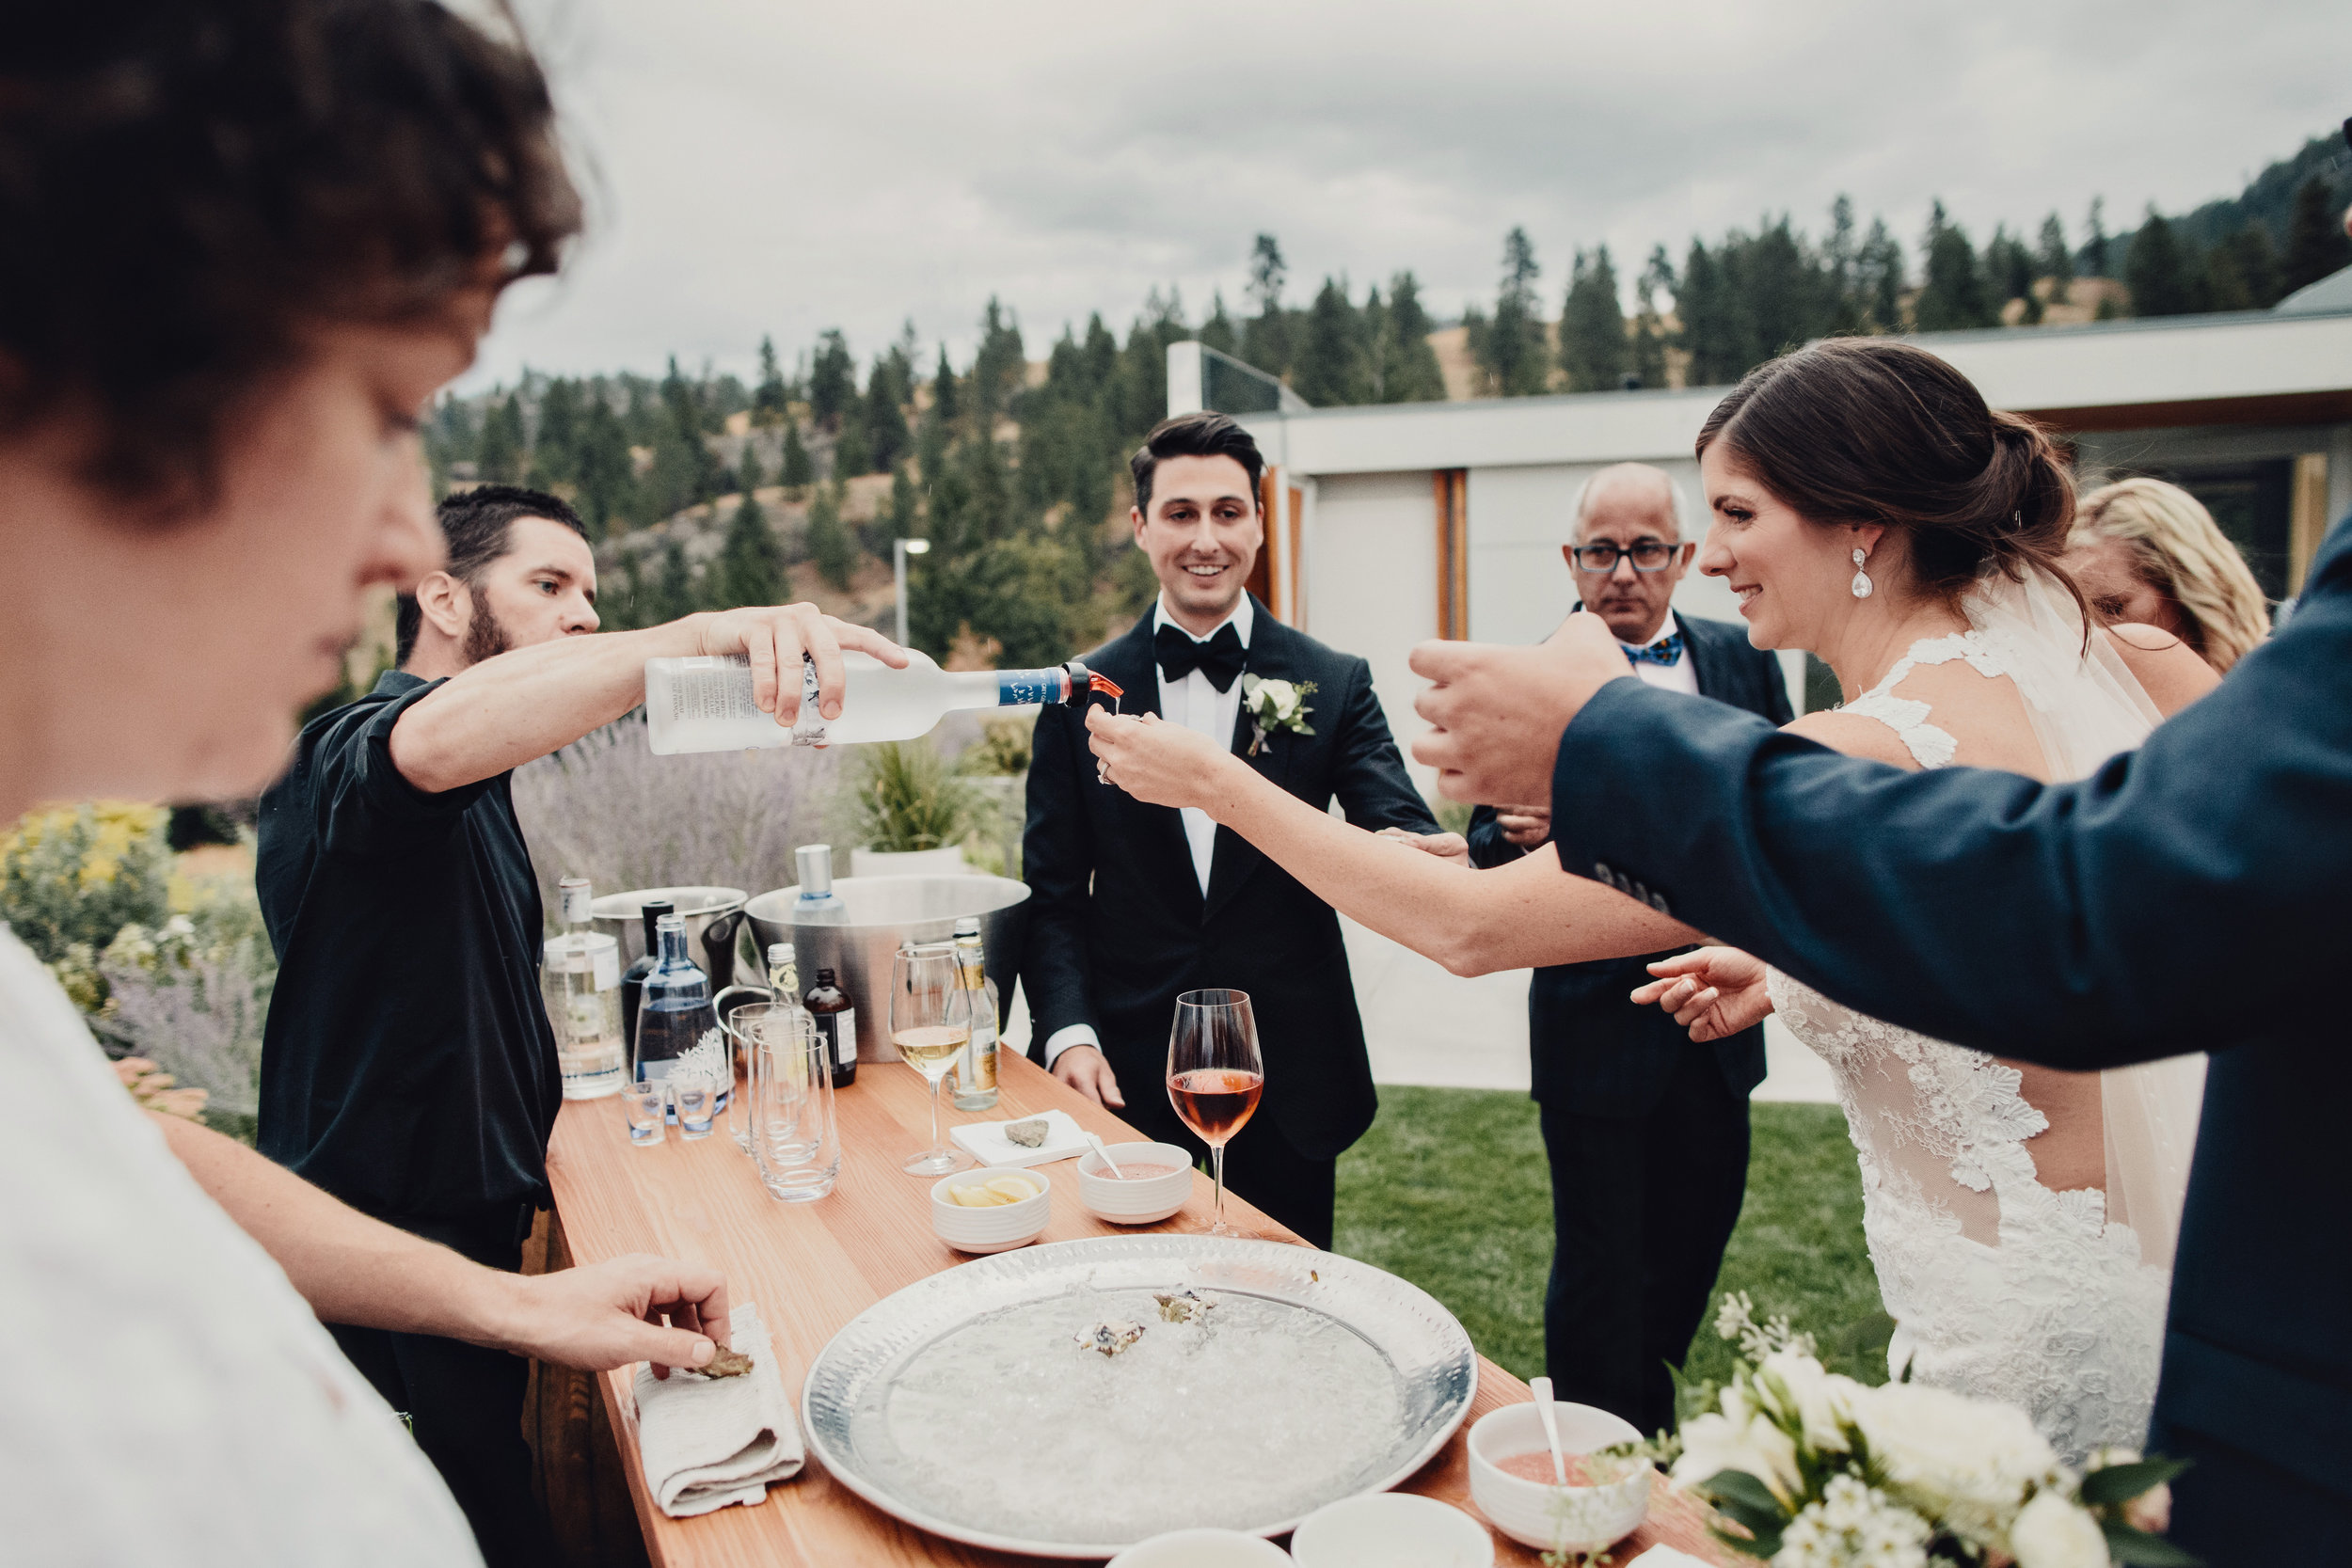 BN-wedding-0076.JPG